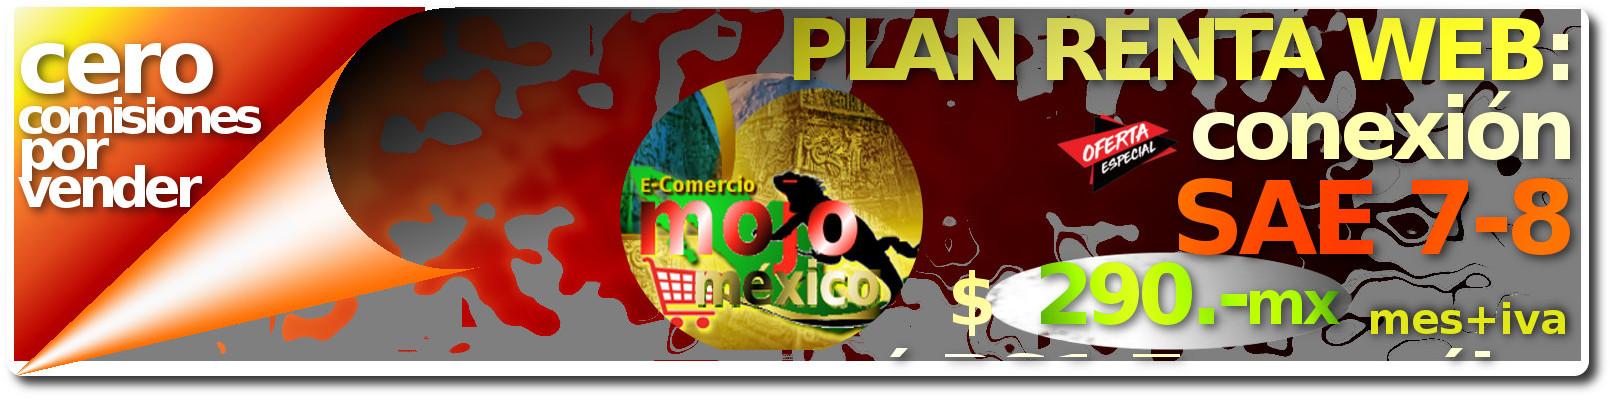 Conexion SAE-web Mojomexico Plan Renta